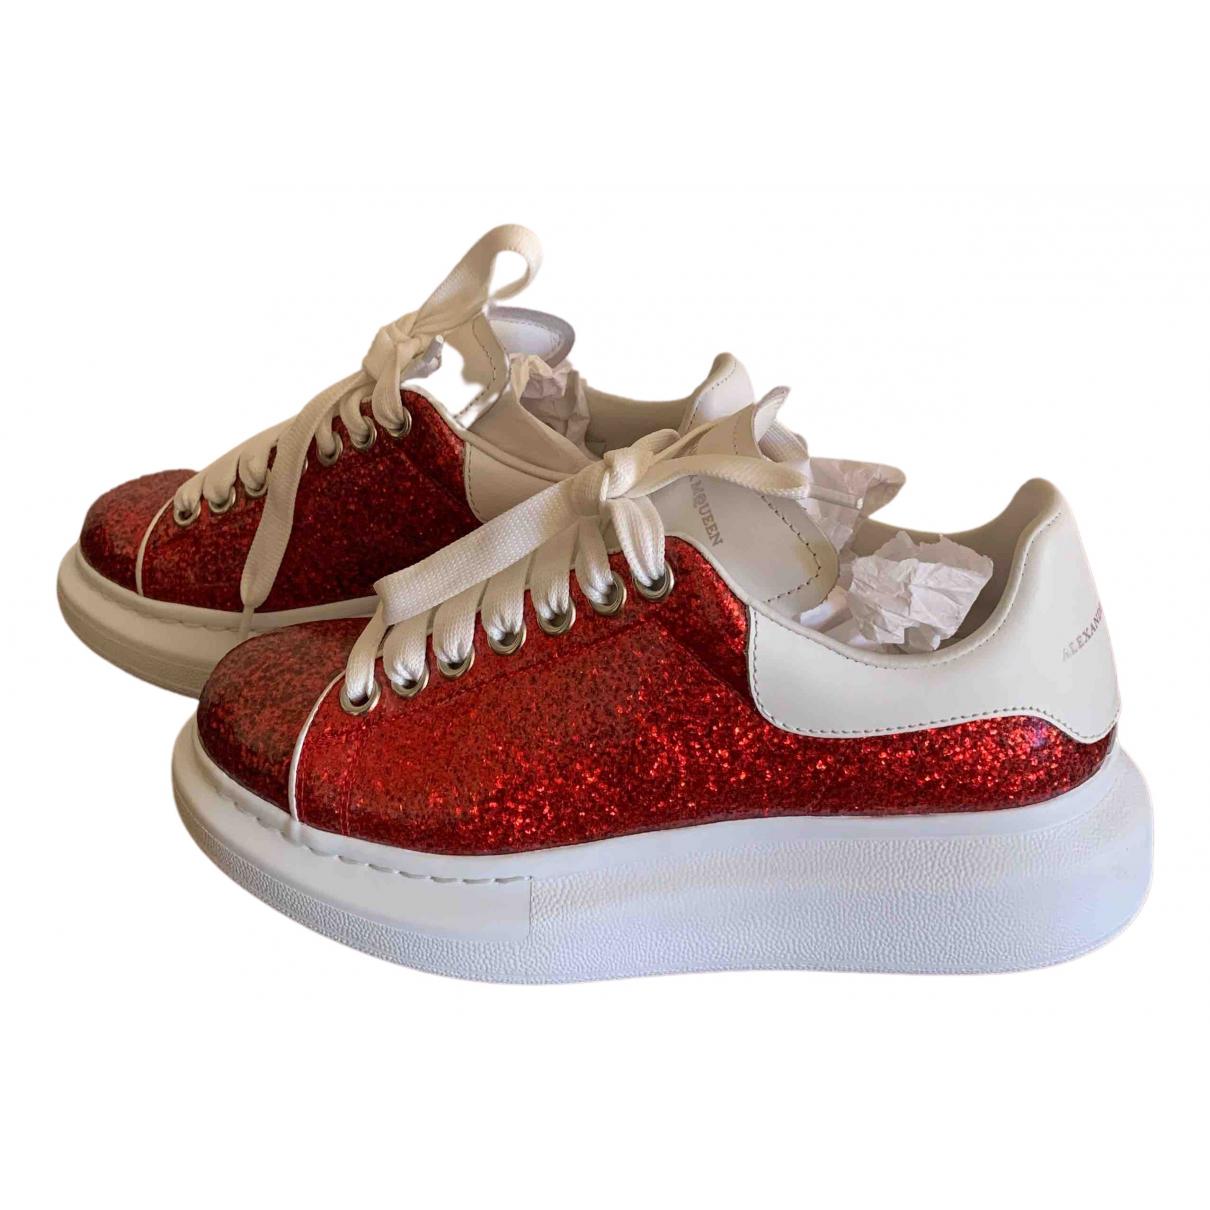 Alexander Mcqueen - Baskets Oversize pour femme en a paillettes - rouge